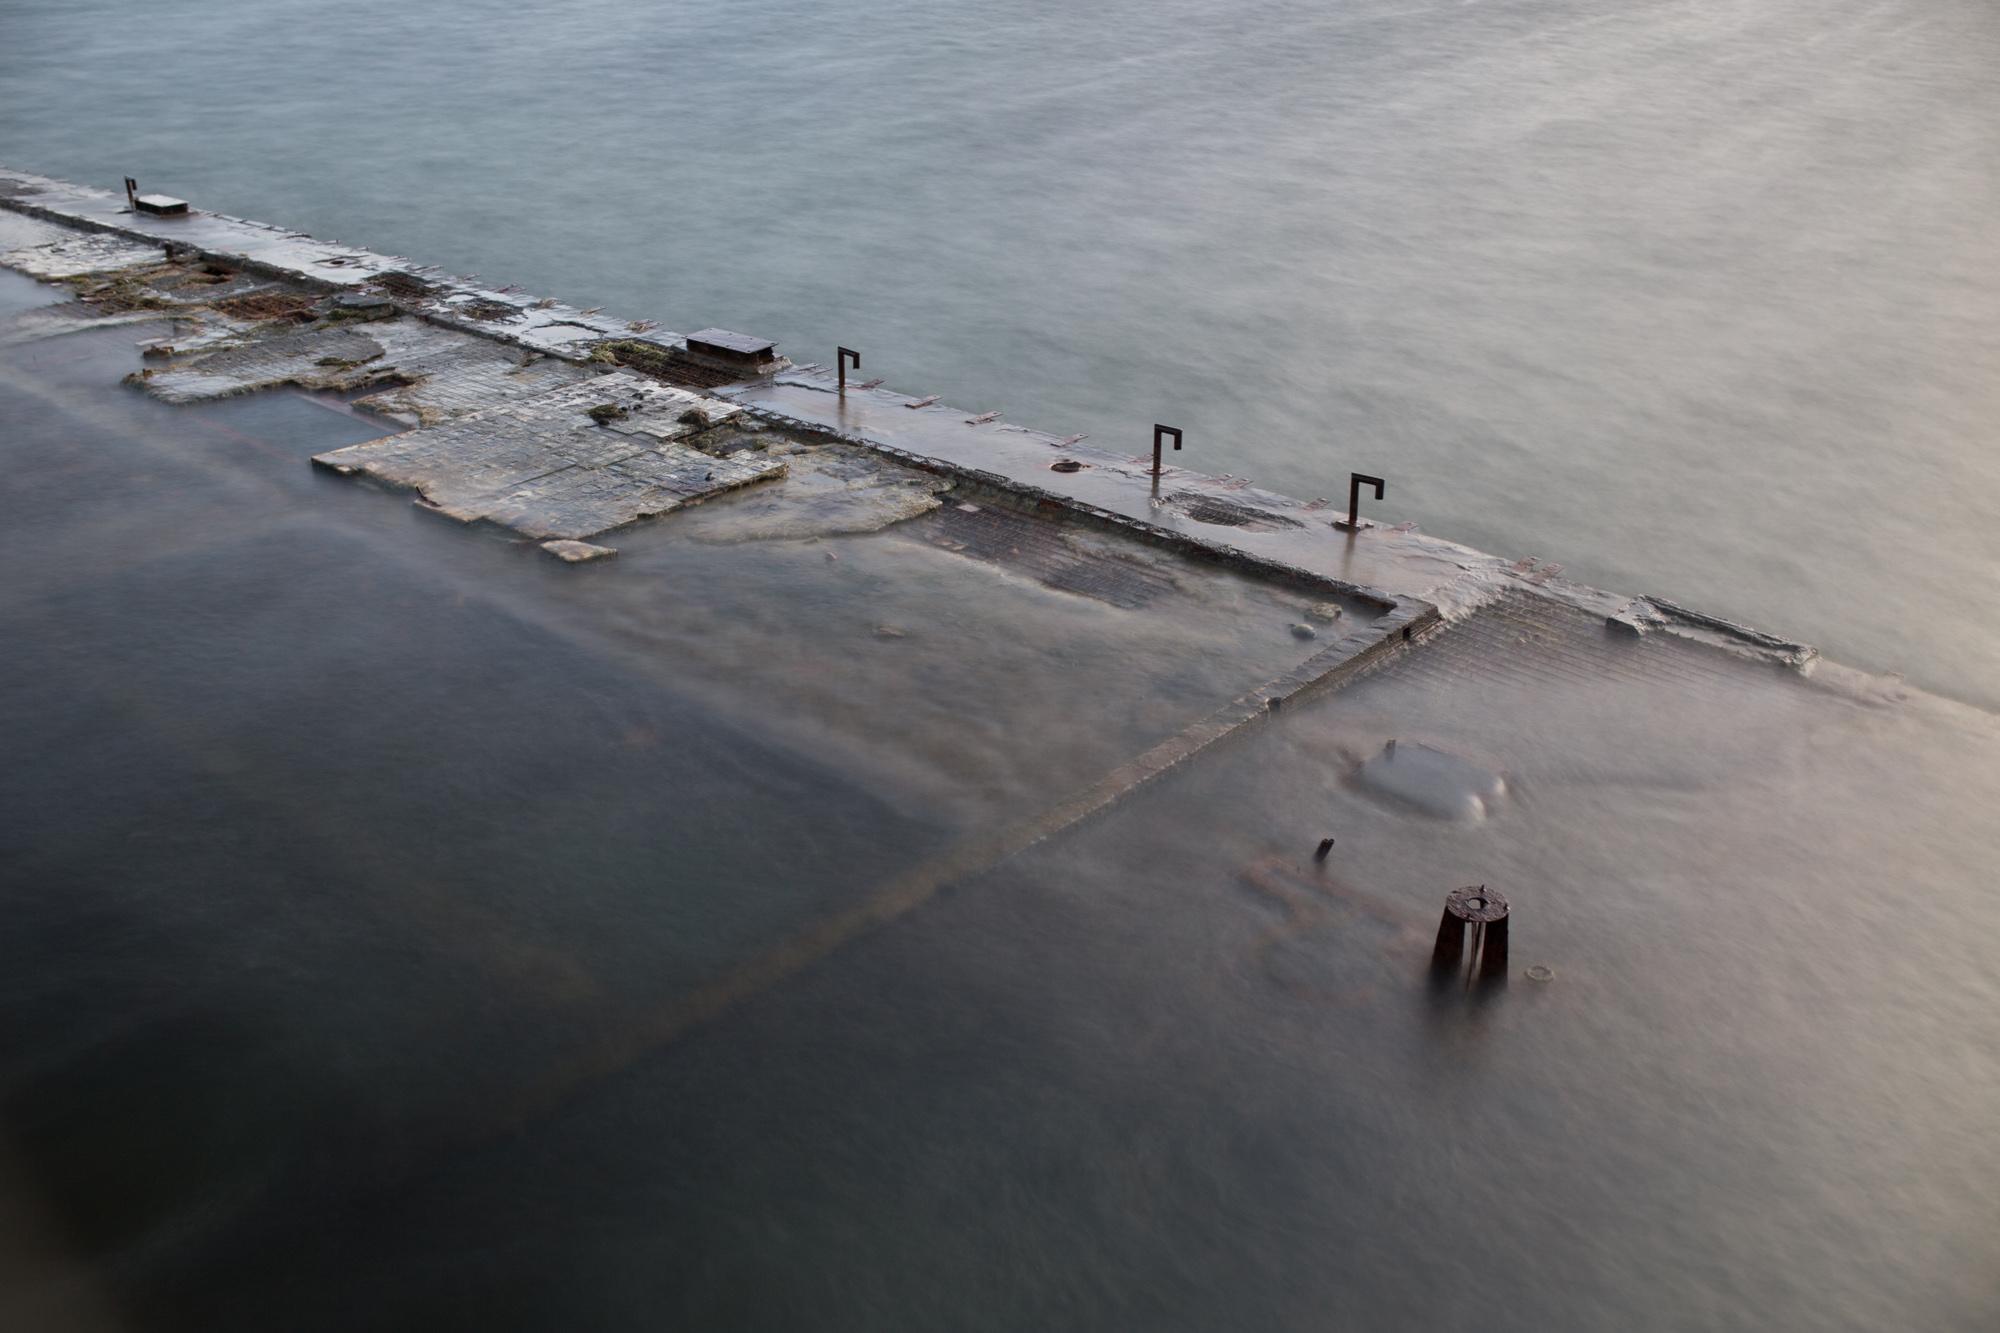 Säriaeg 15 sek | Ava f/4 | Tundlikkus ISO 100 Ilma nii pika säriajata ei oleks saanud suurte lainete tõttu pilti, kus oleks näha, mis vee all üldse on.